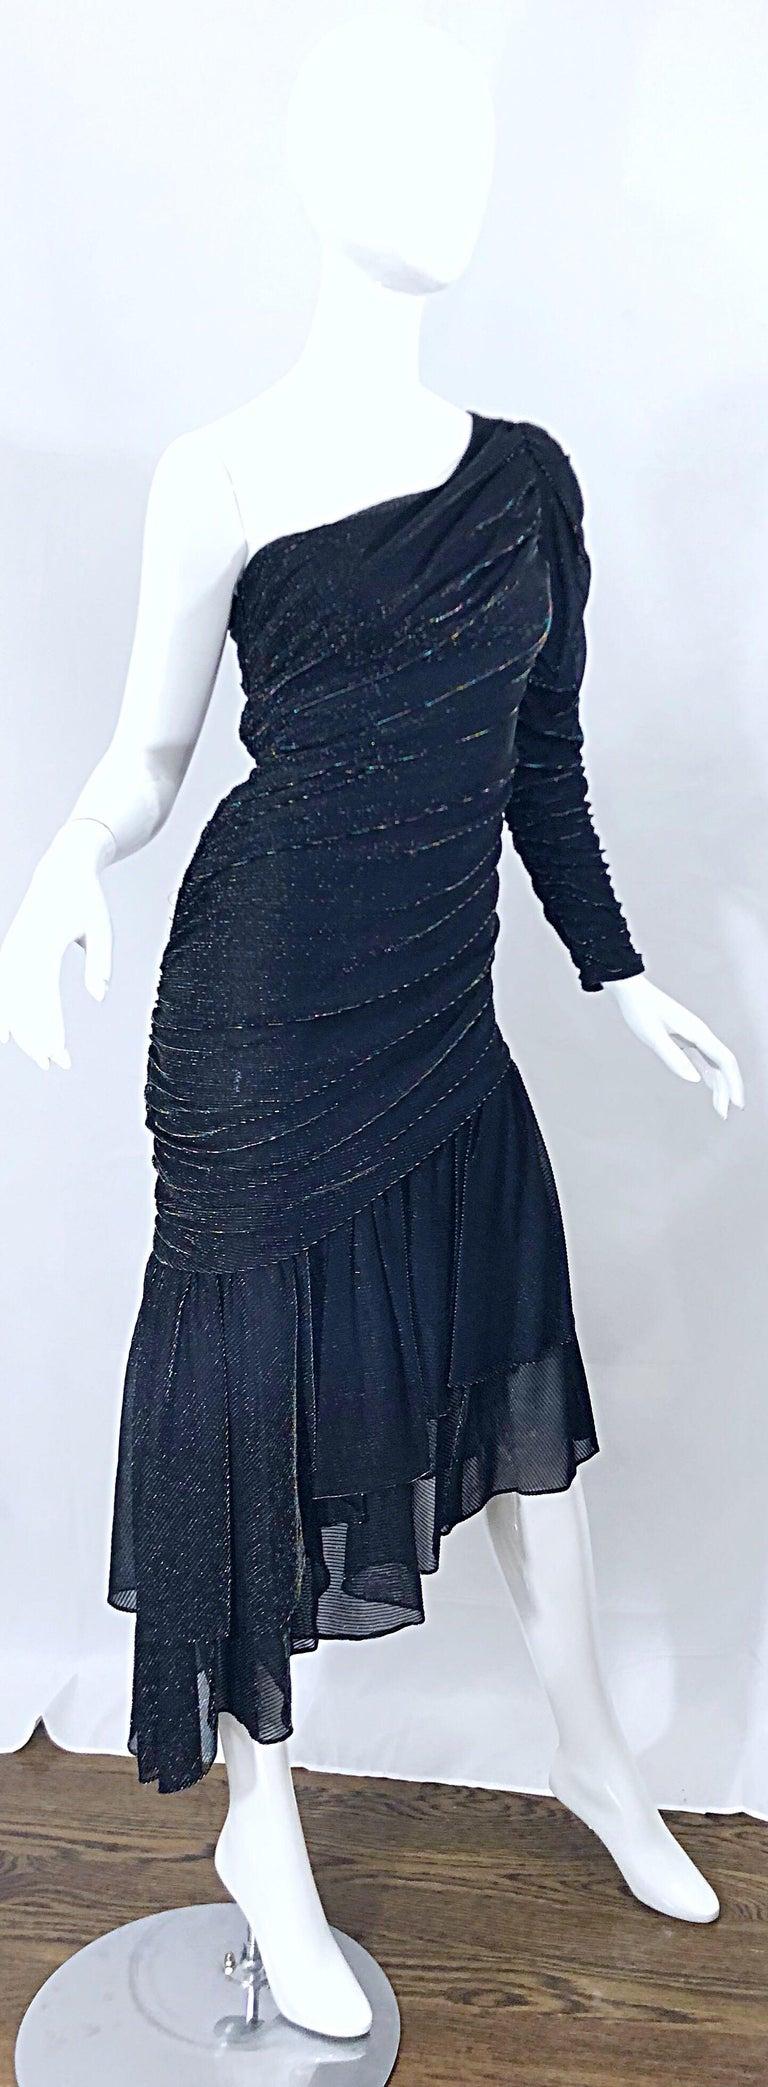 1980s Samir One Shoulder Black Metallic Rainbow Vintage 80s Cocktail Dress For Sale 6